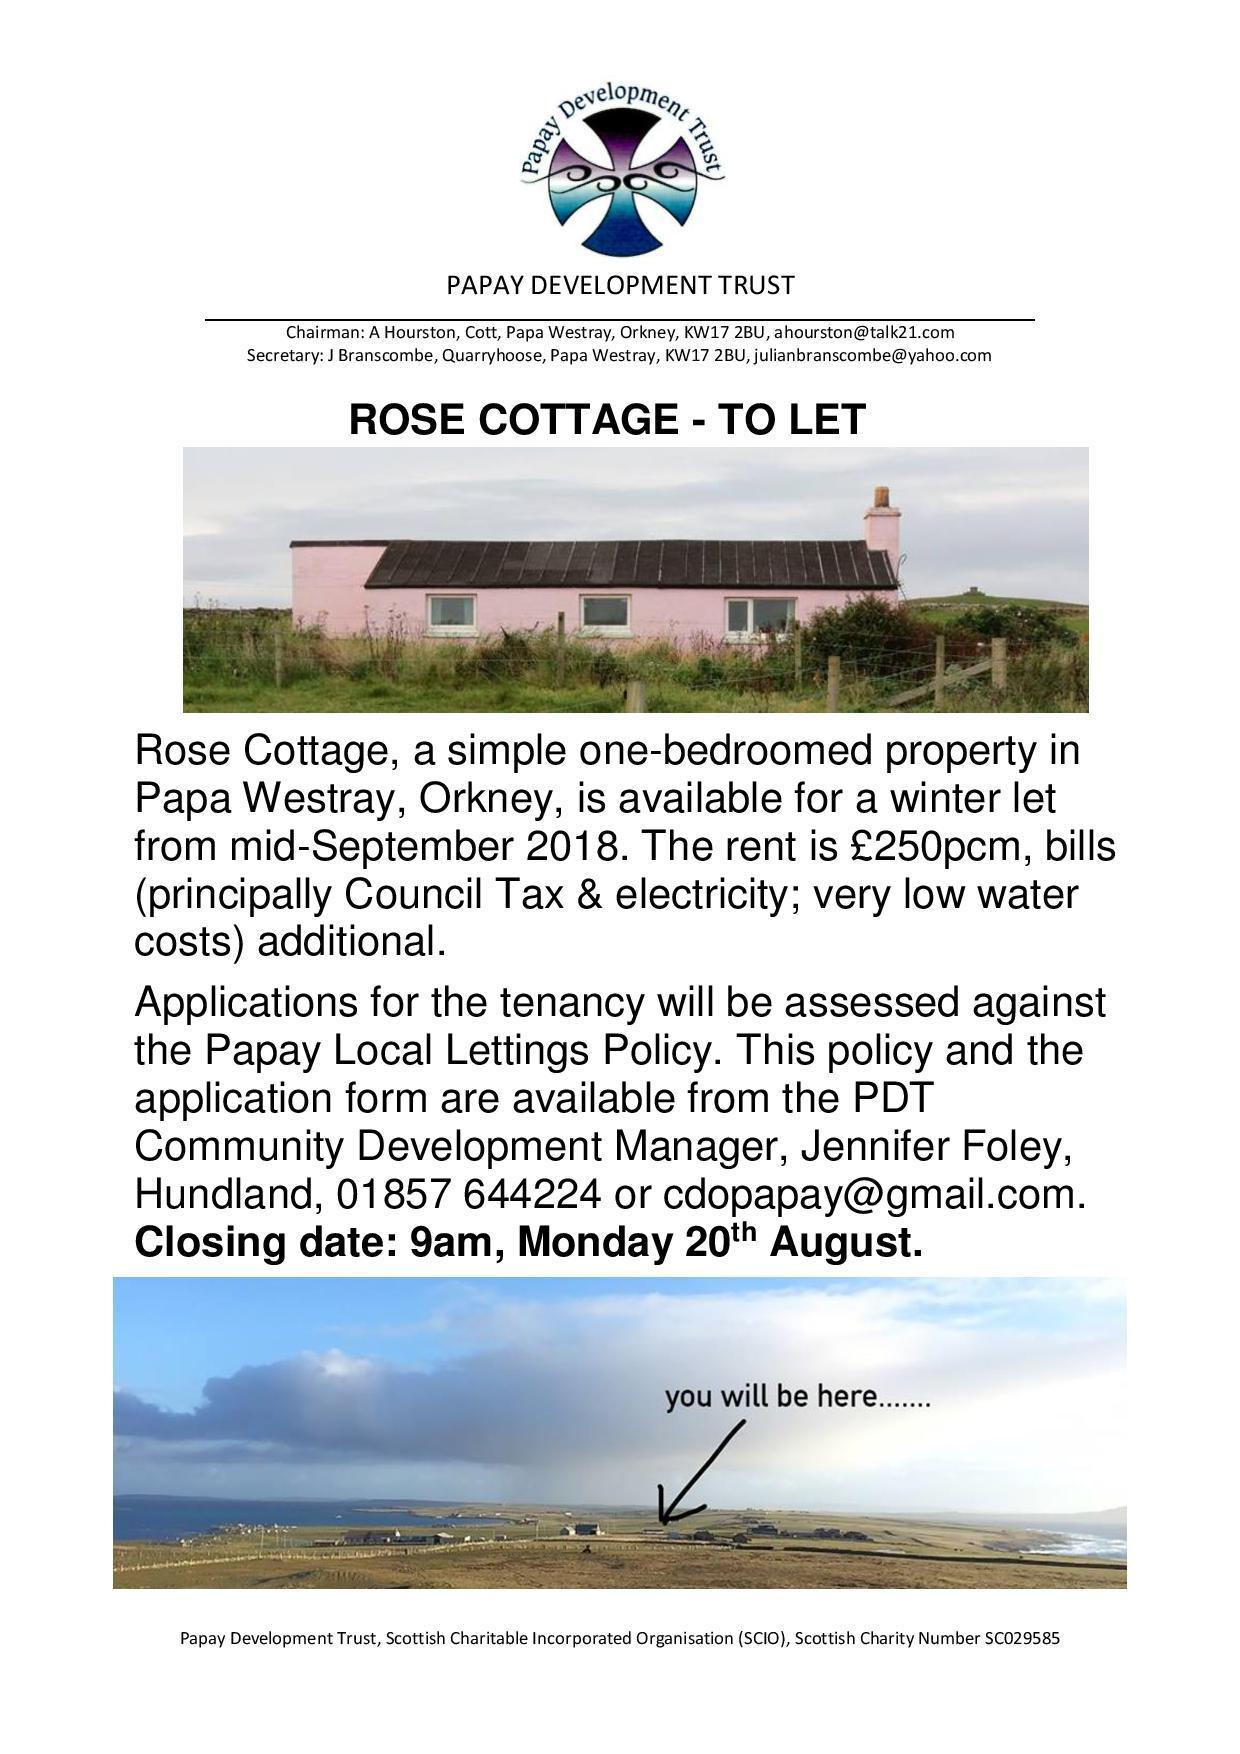 Rose Cottage to let